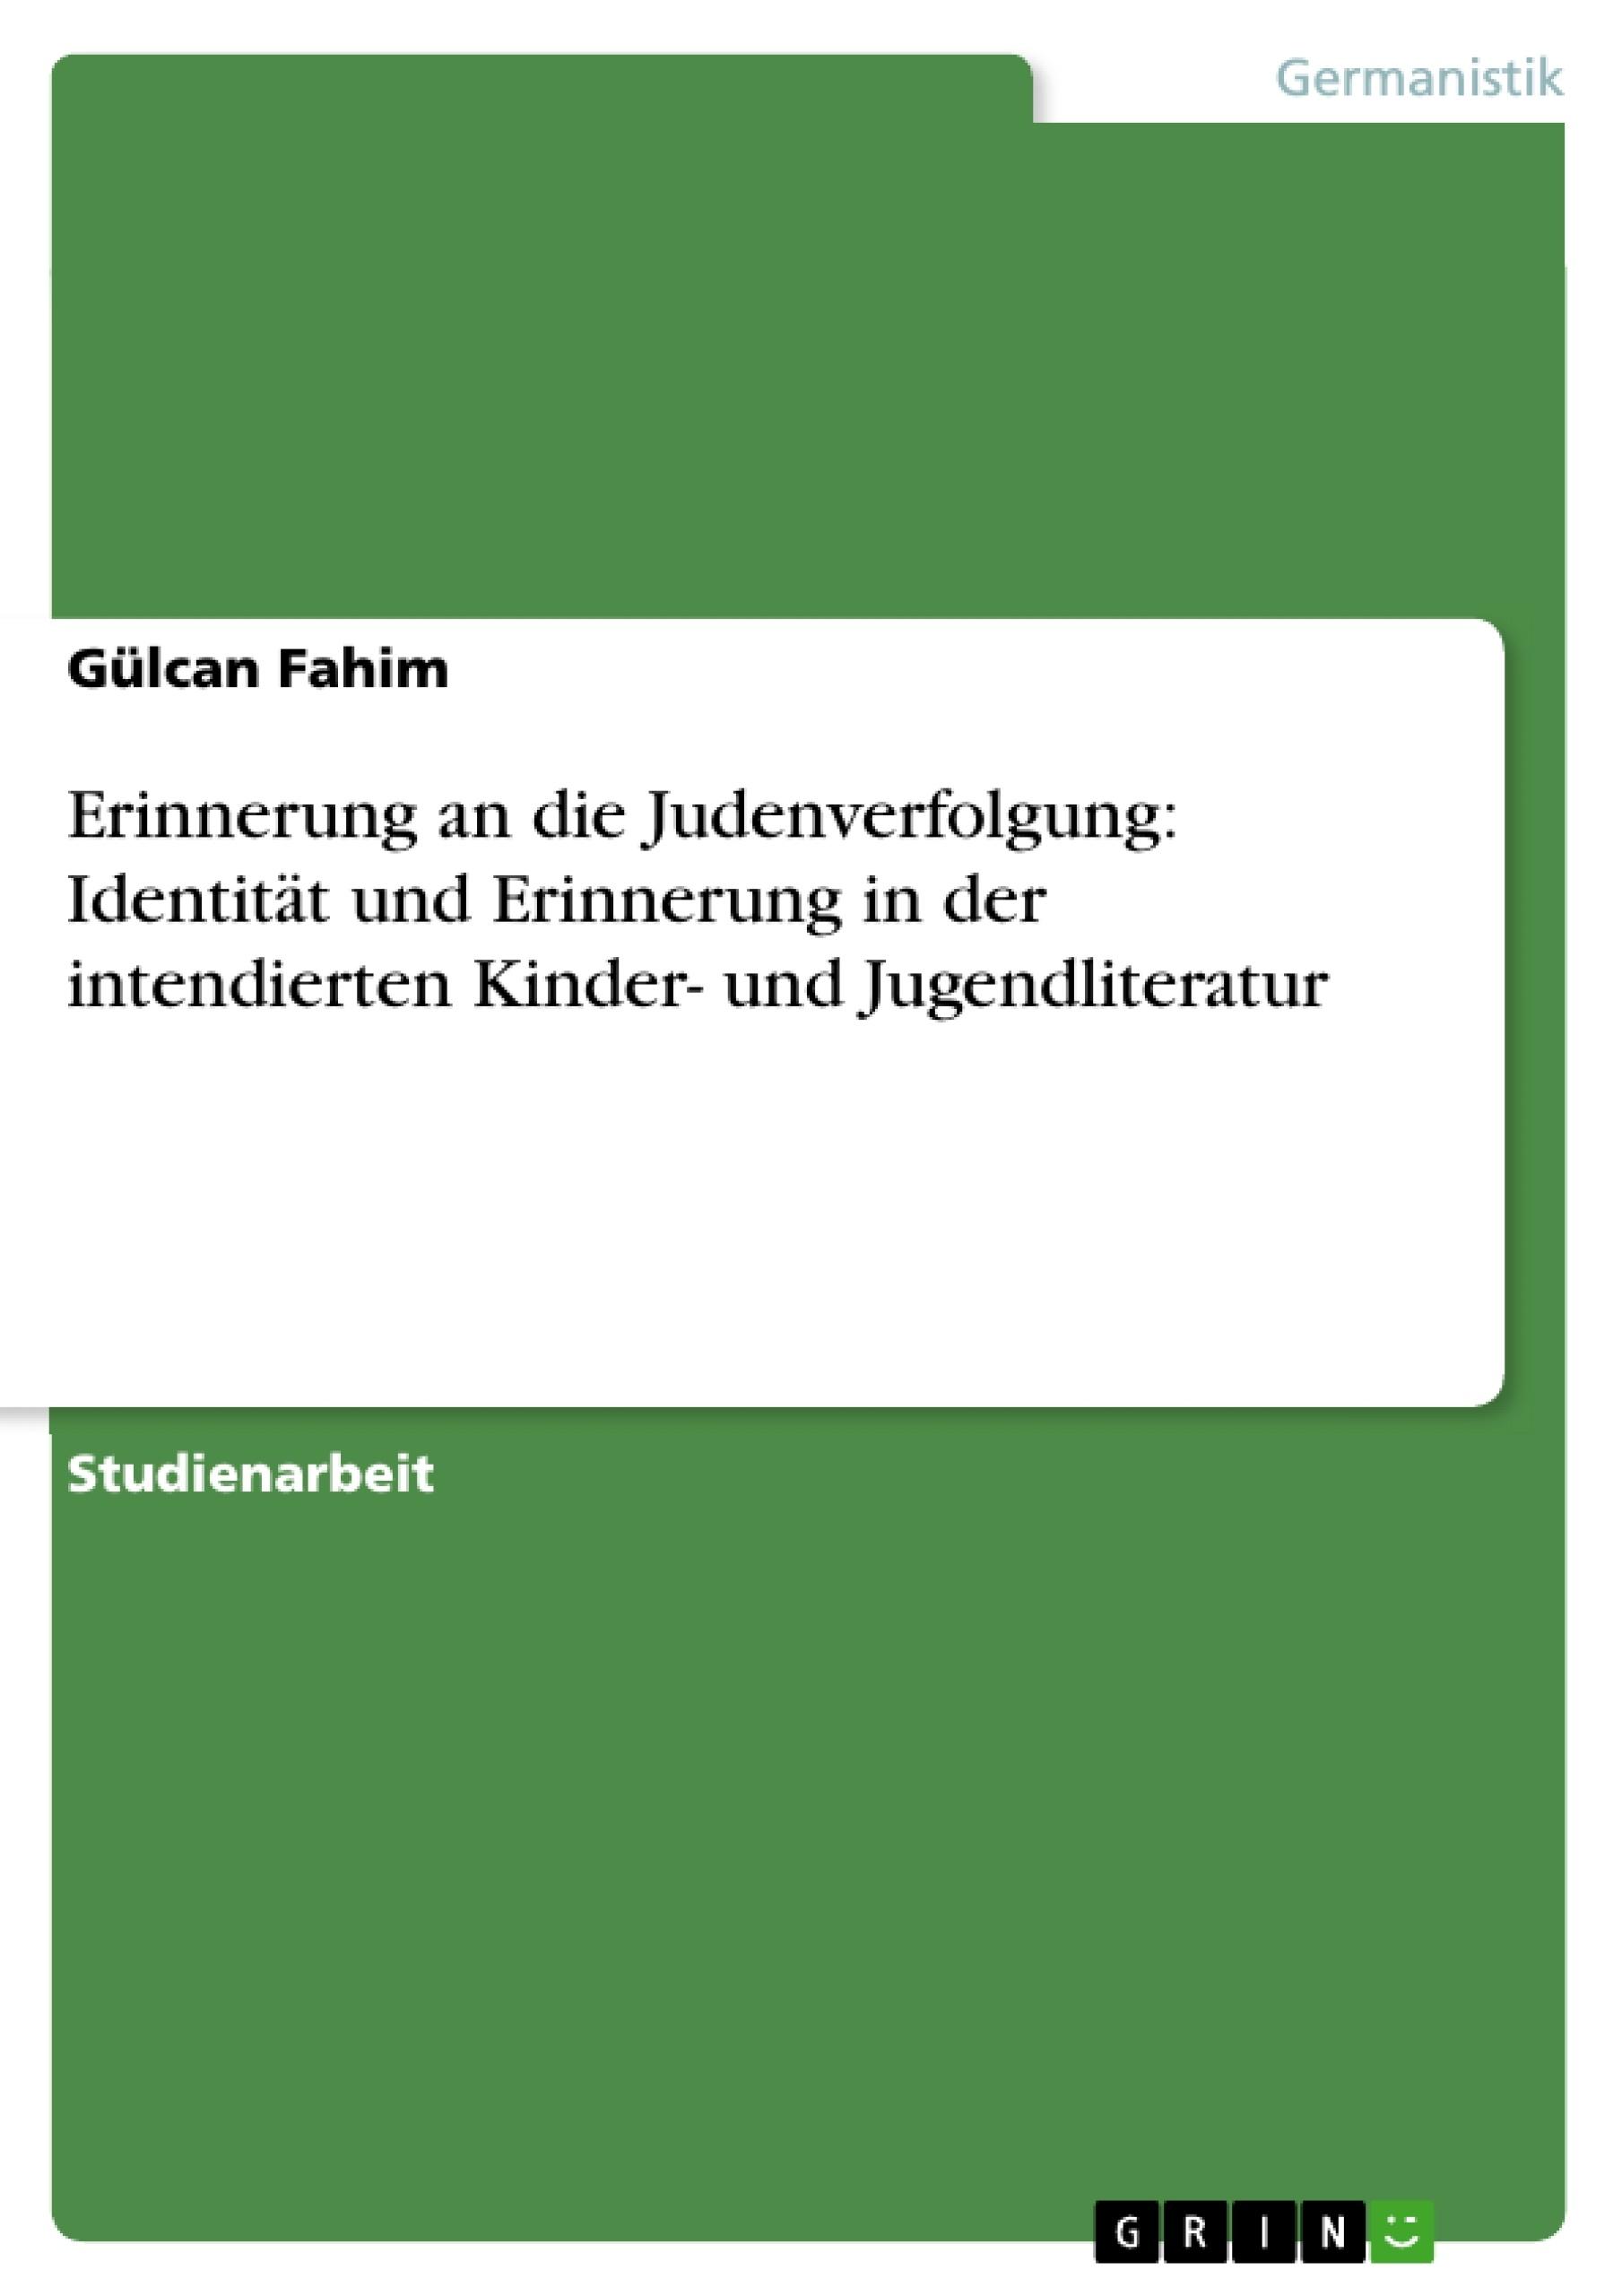 Titel: Erinnerung an die Judenverfolgung: Identität und Erinnerung in der intendierten Kinder- und Jugendliteratur